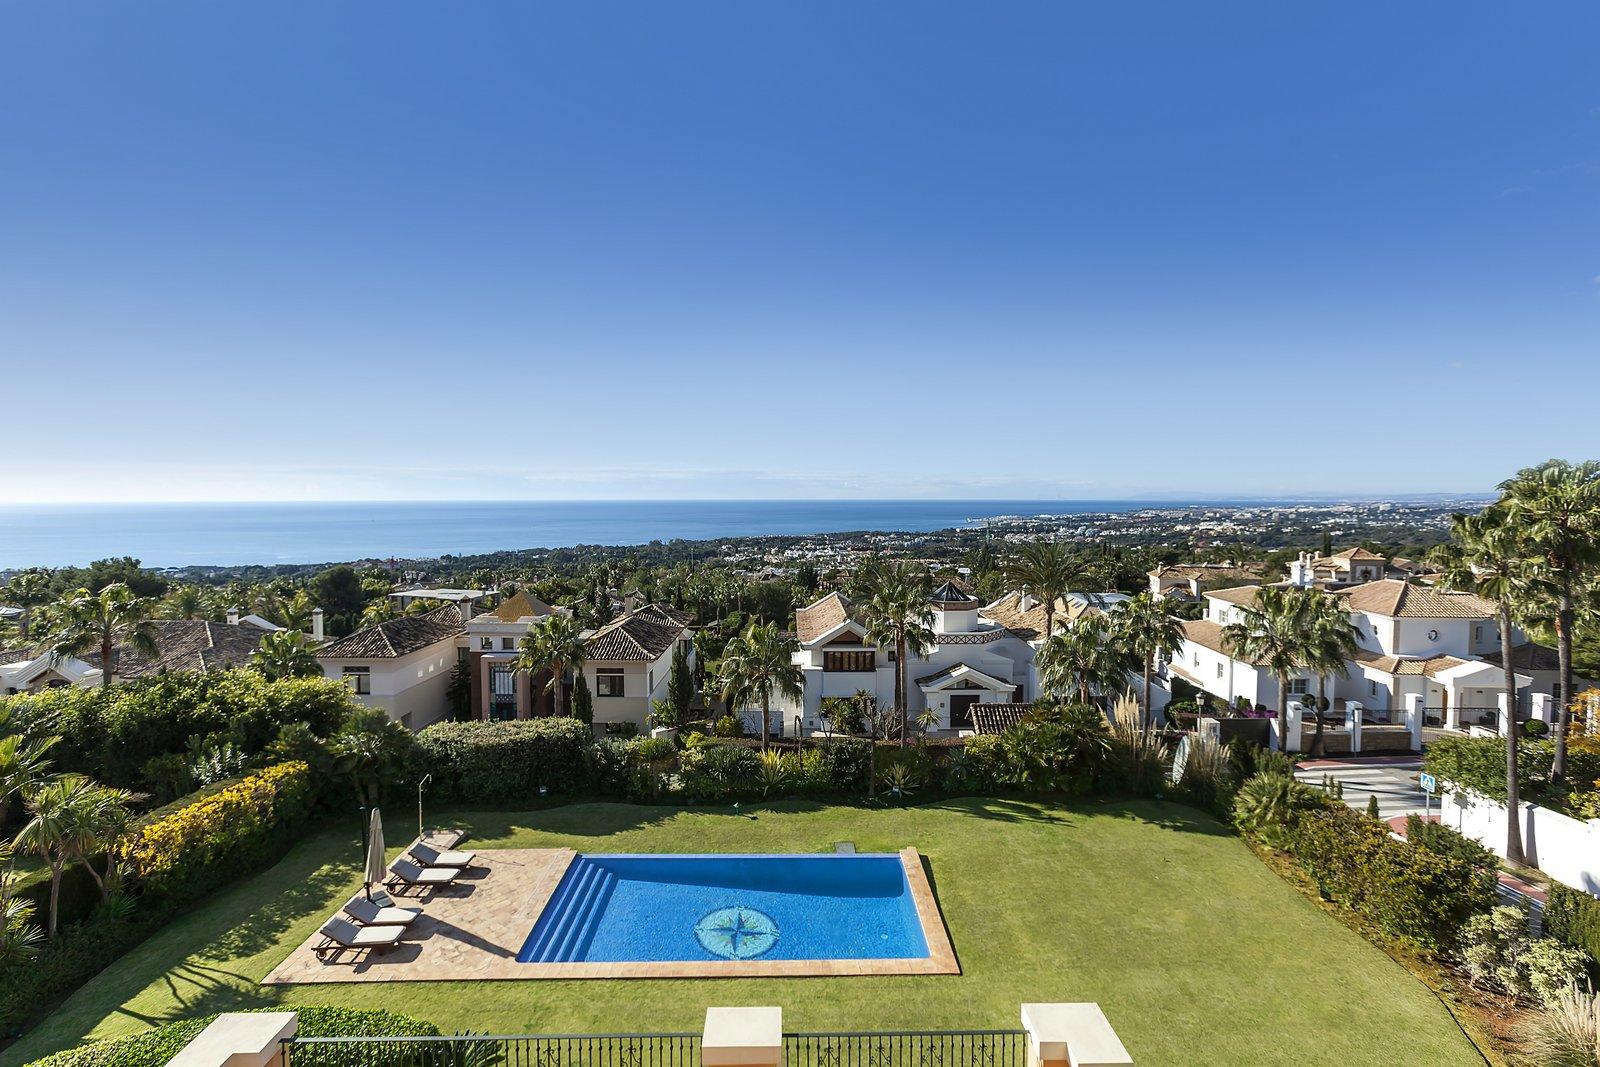 Sierra Blanca: Eine private Wohnsiedlung in den Hügeln von Marbella